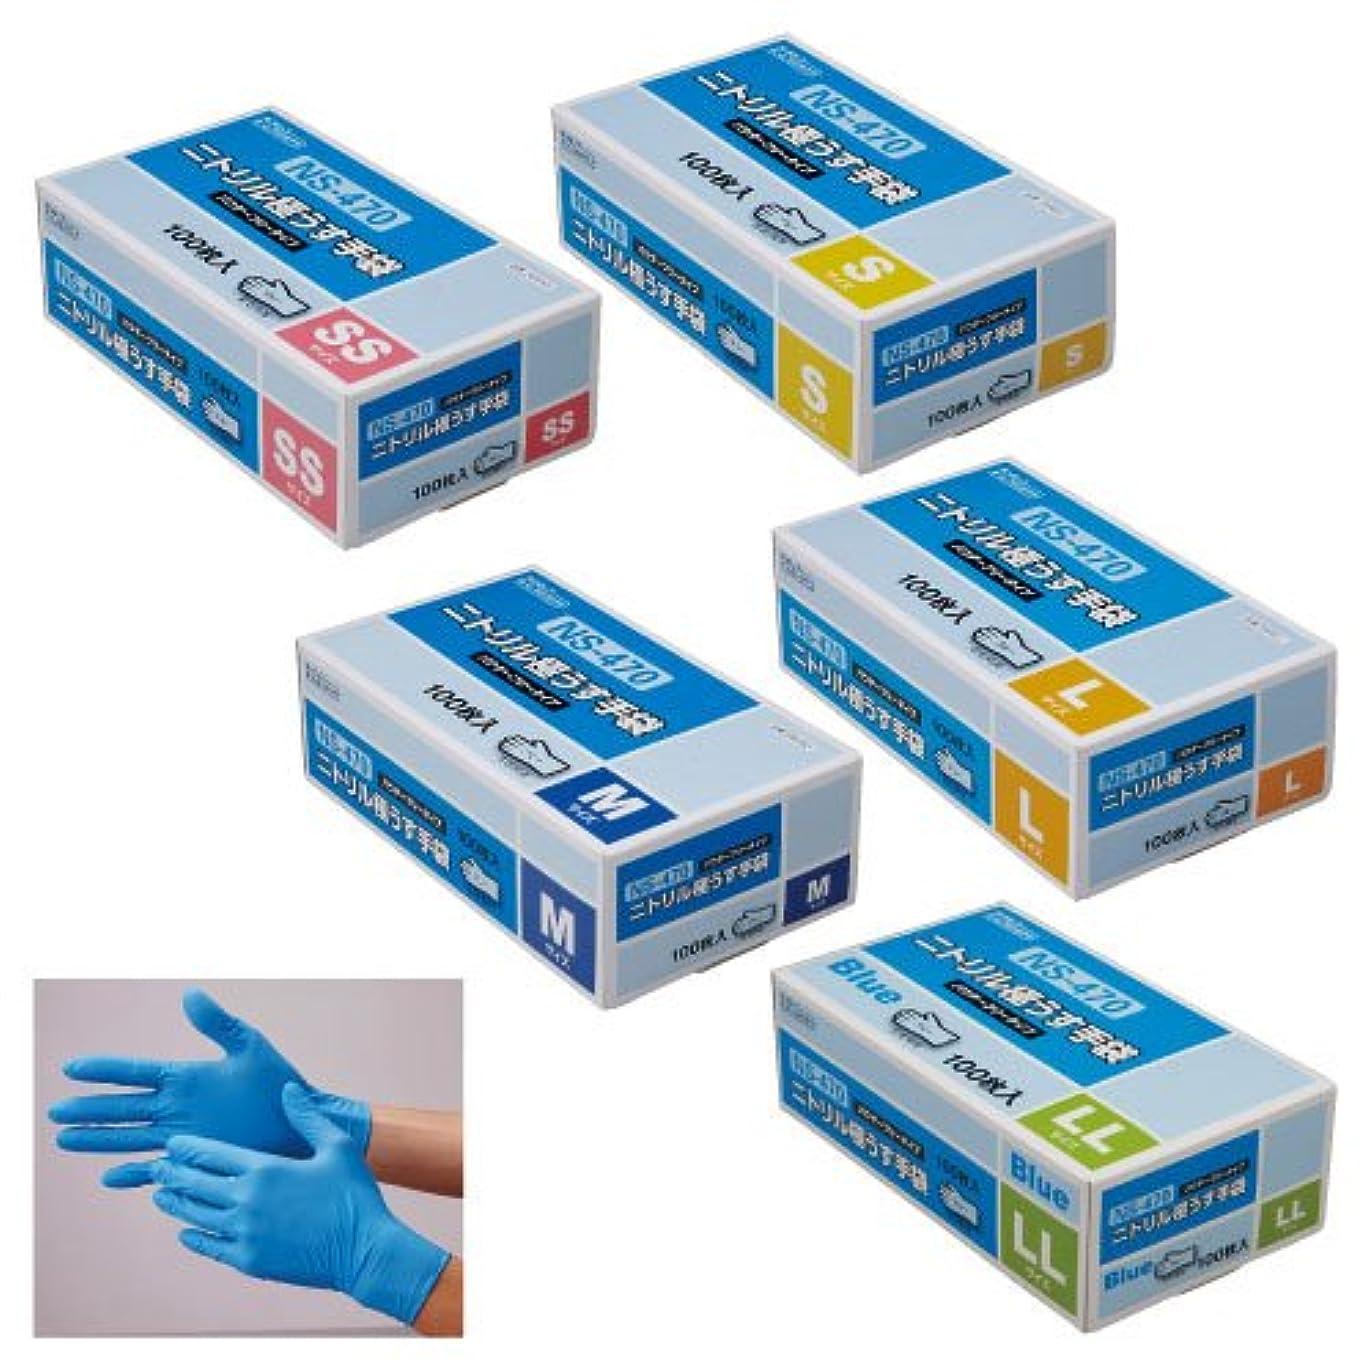 スペクトラムエミュレーション外観ニトリル極うす手袋 NS-470 ??????????????NS470 06449(S)????100????(24-2571-01)【20箱単位】